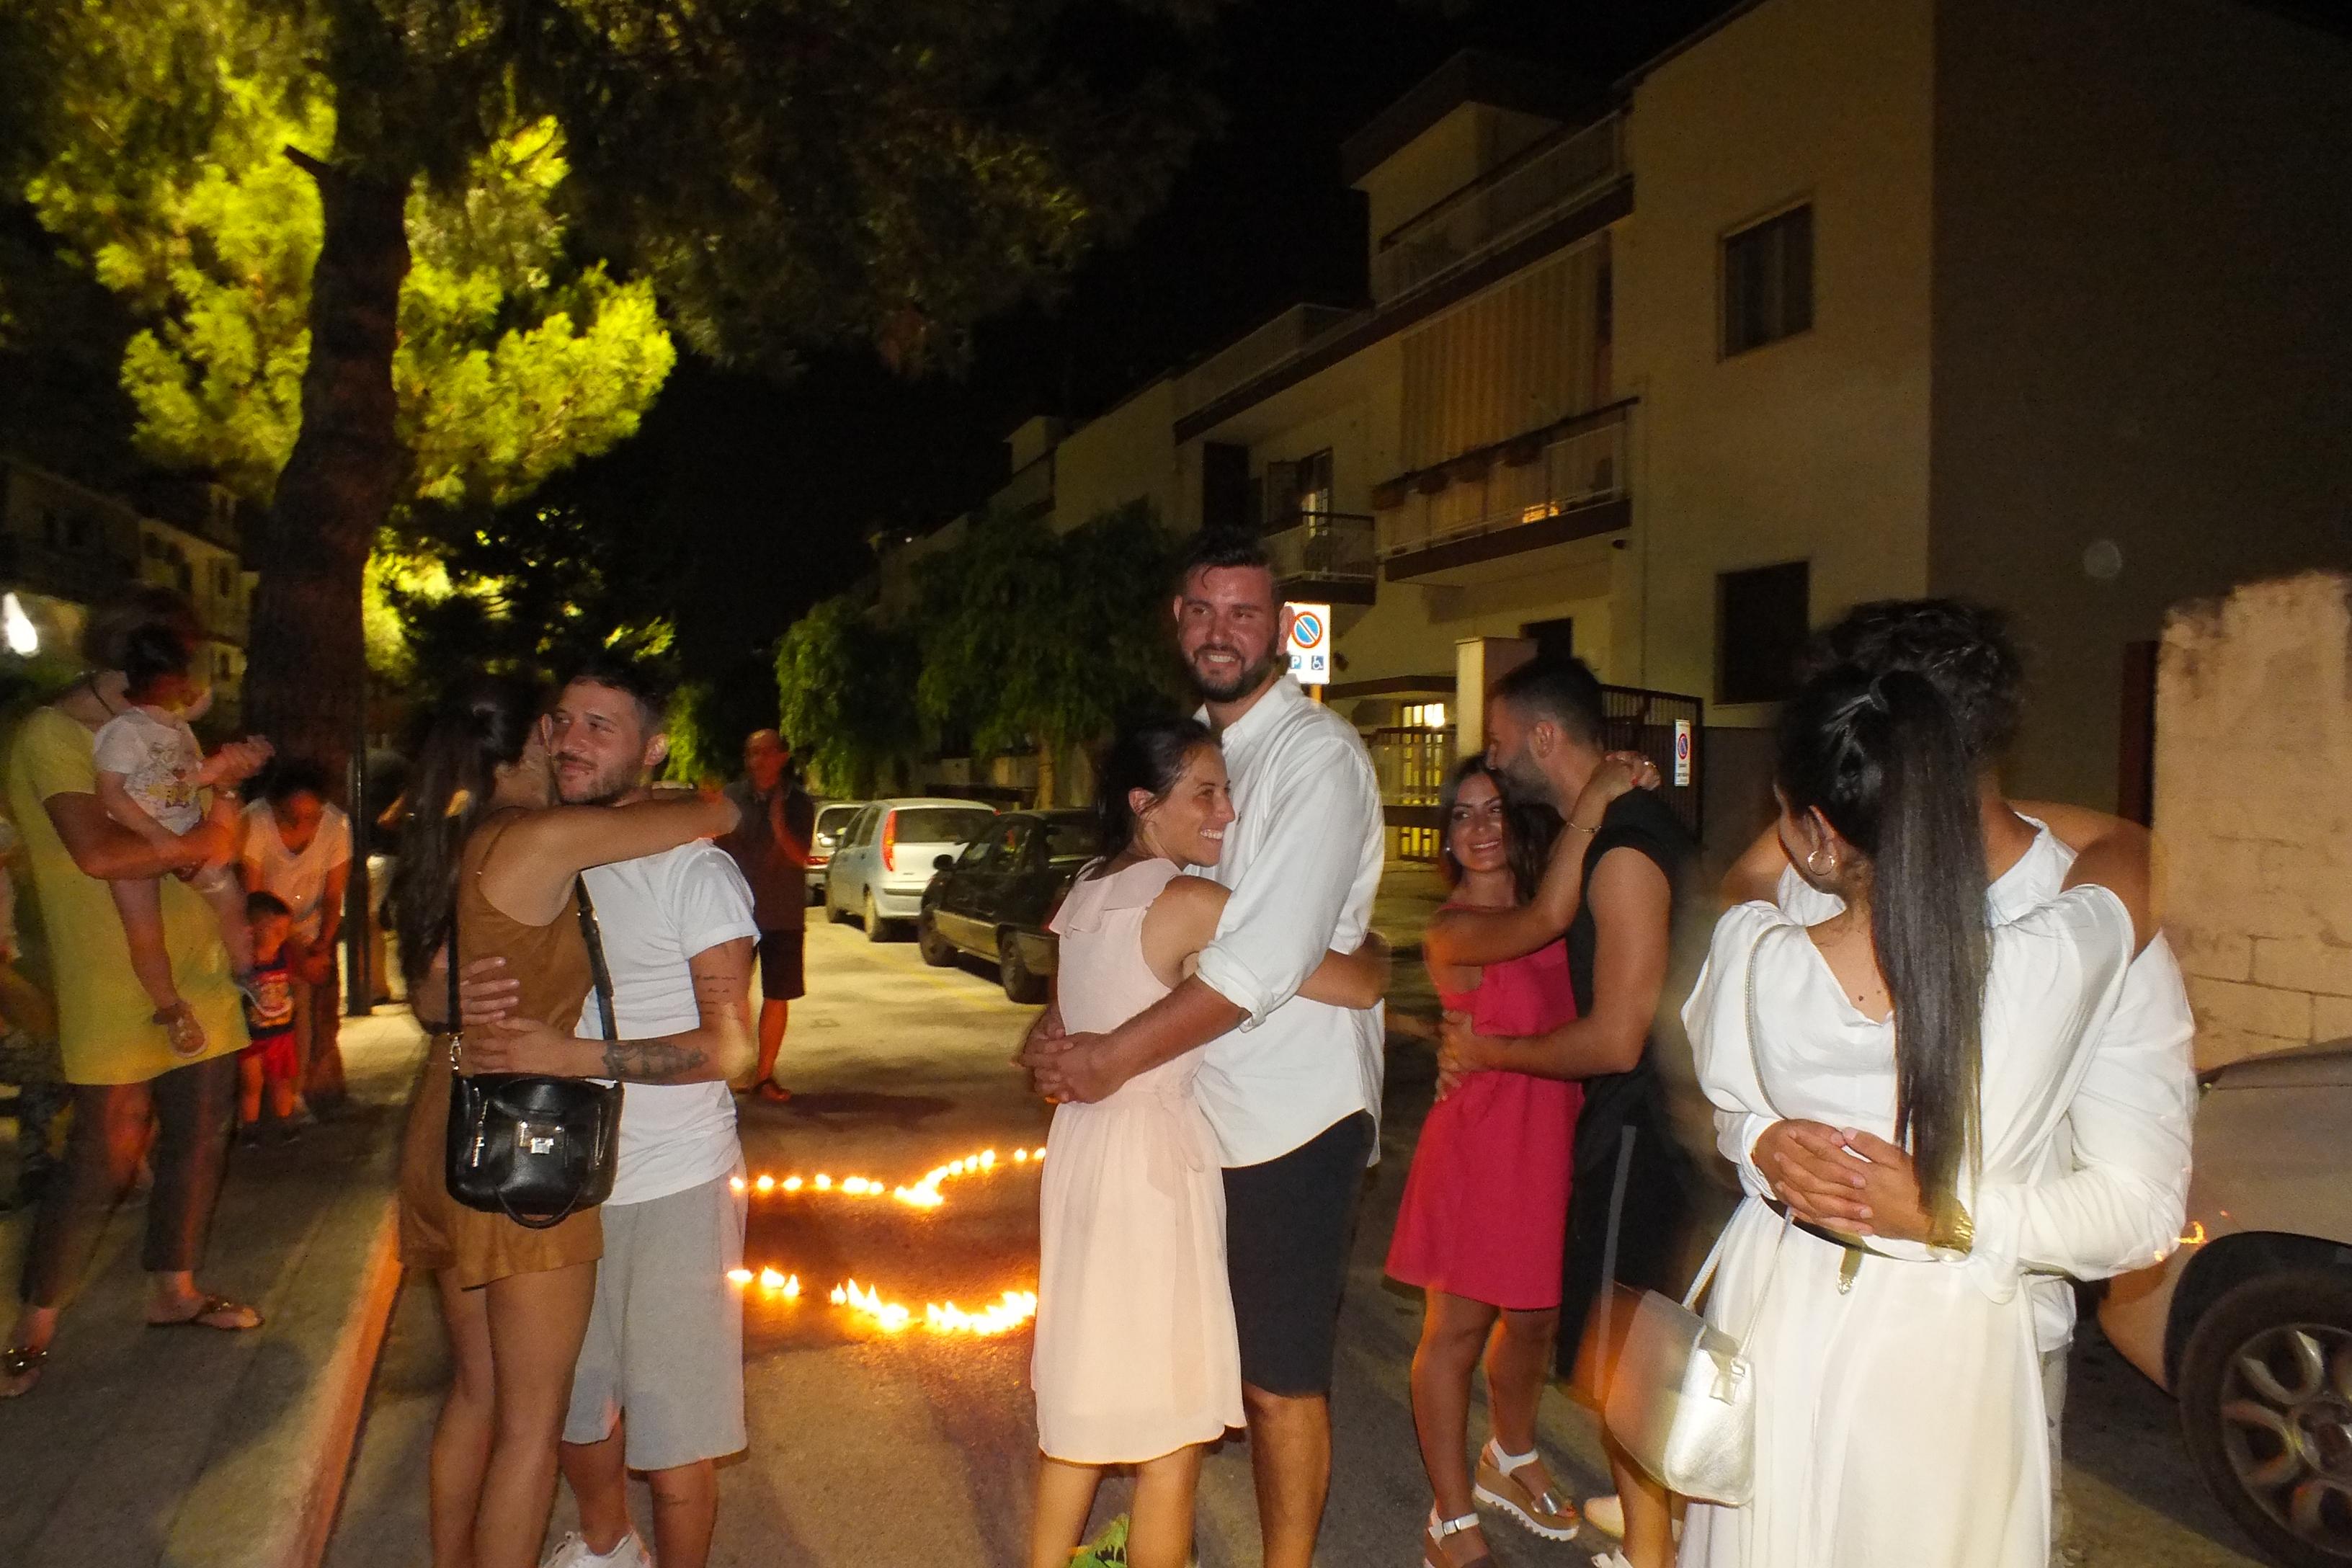 la serenata a Cellamare in provincia di Bari